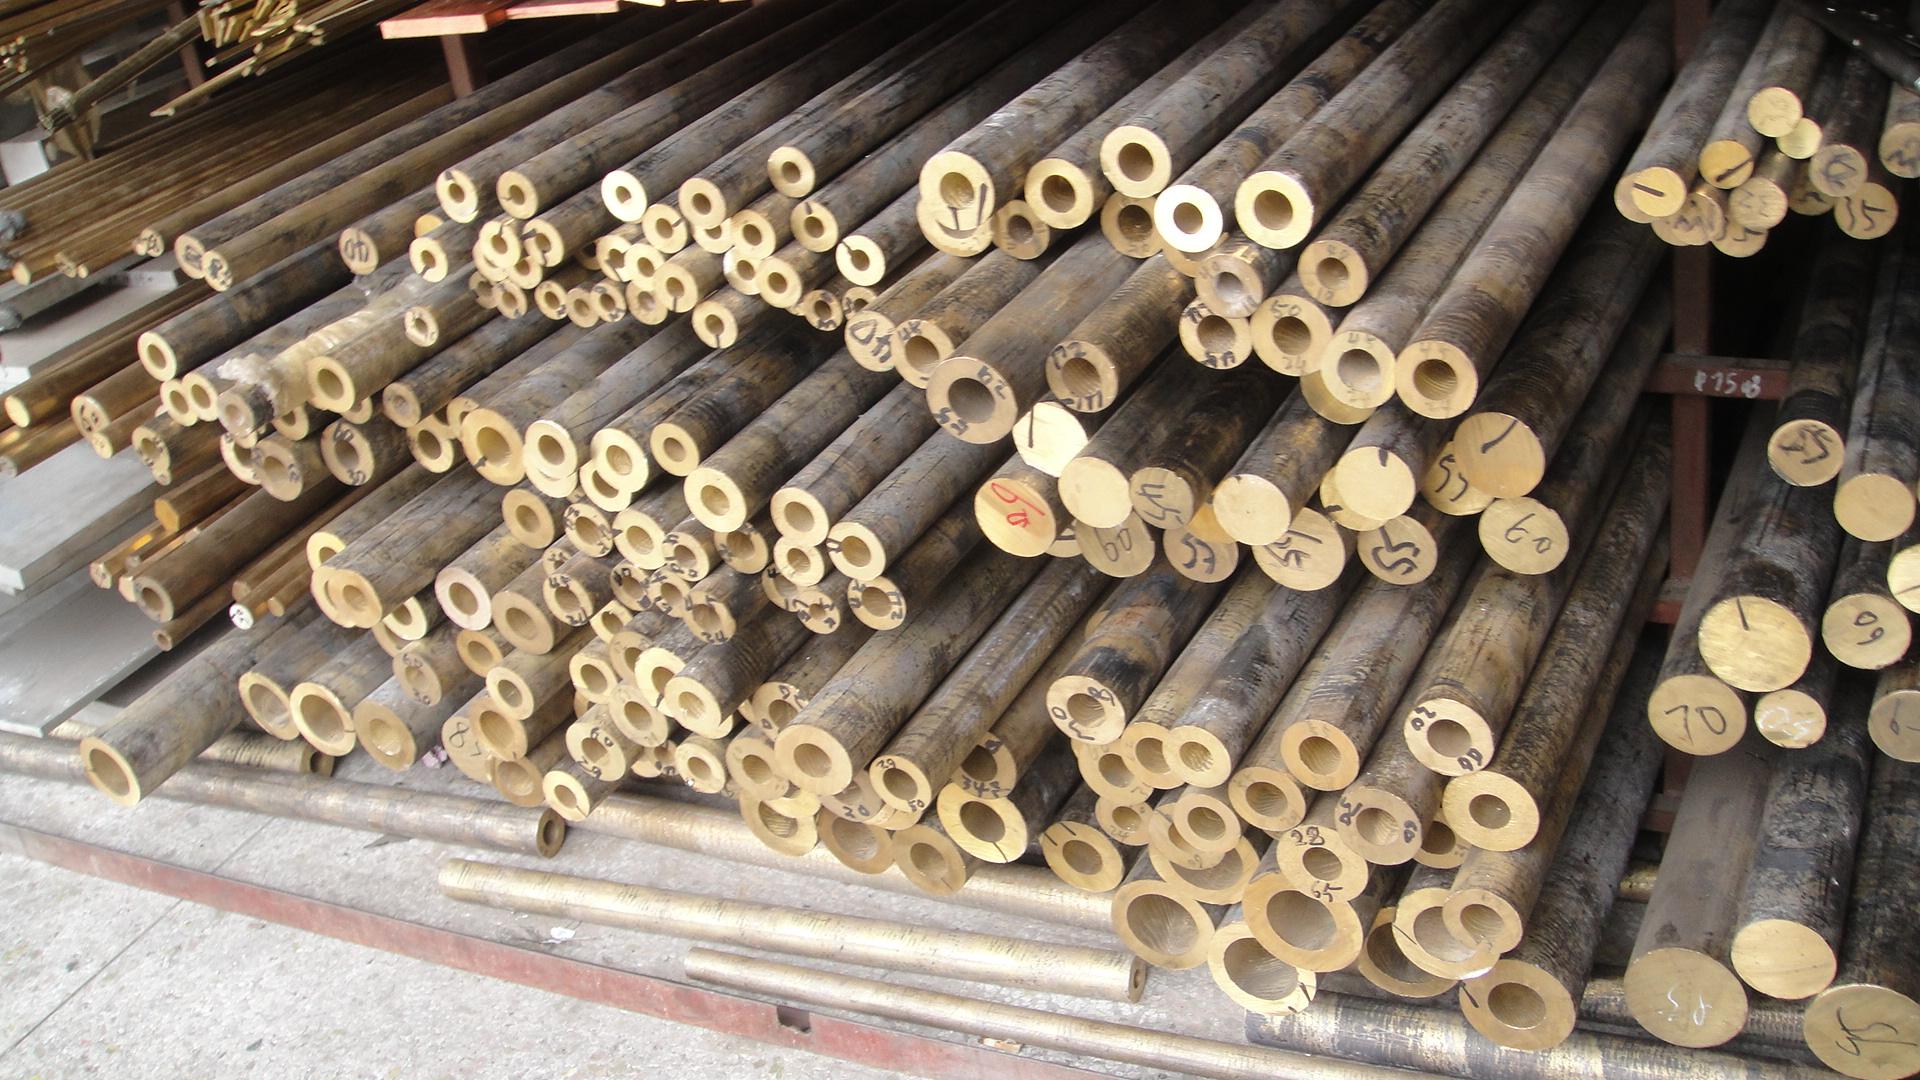 锡青铜管锡磷青铜管锡青铜棒杯士铜管锡青铜套耐磨青铜管加工零切